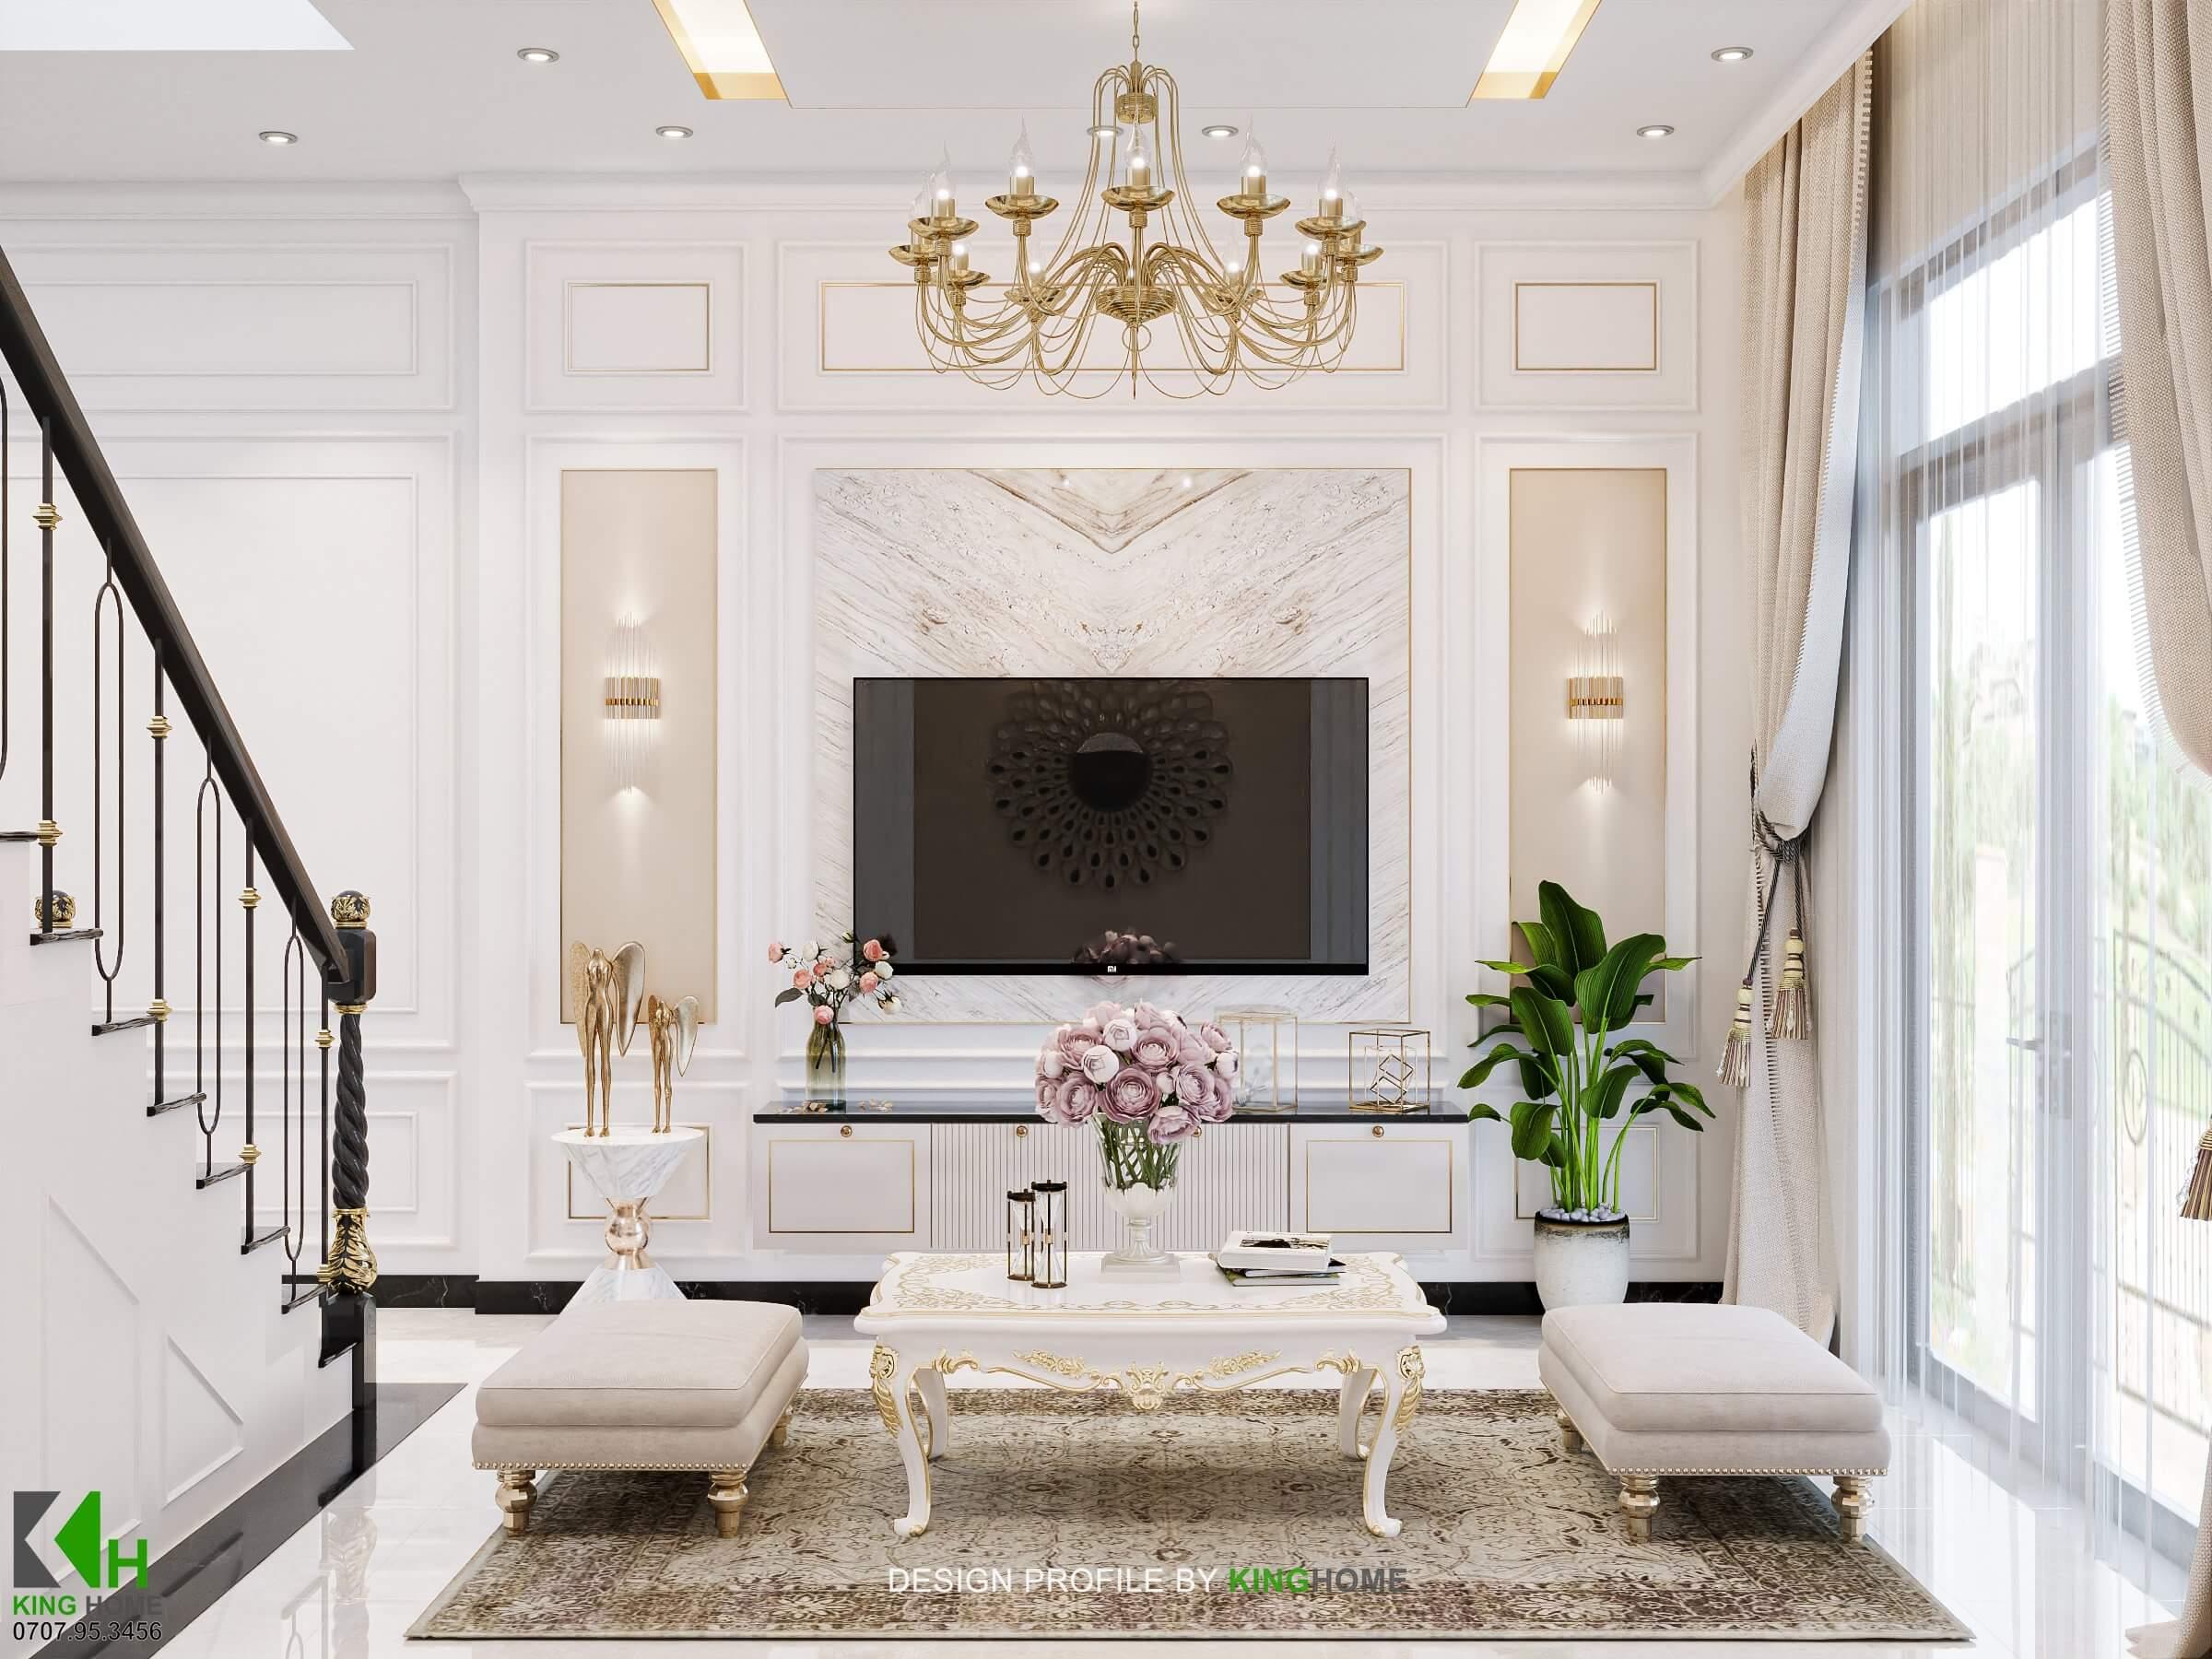 Nhà Em Trân - Nhà phố Tân Cổ Điển cho vợ chồng trẻ